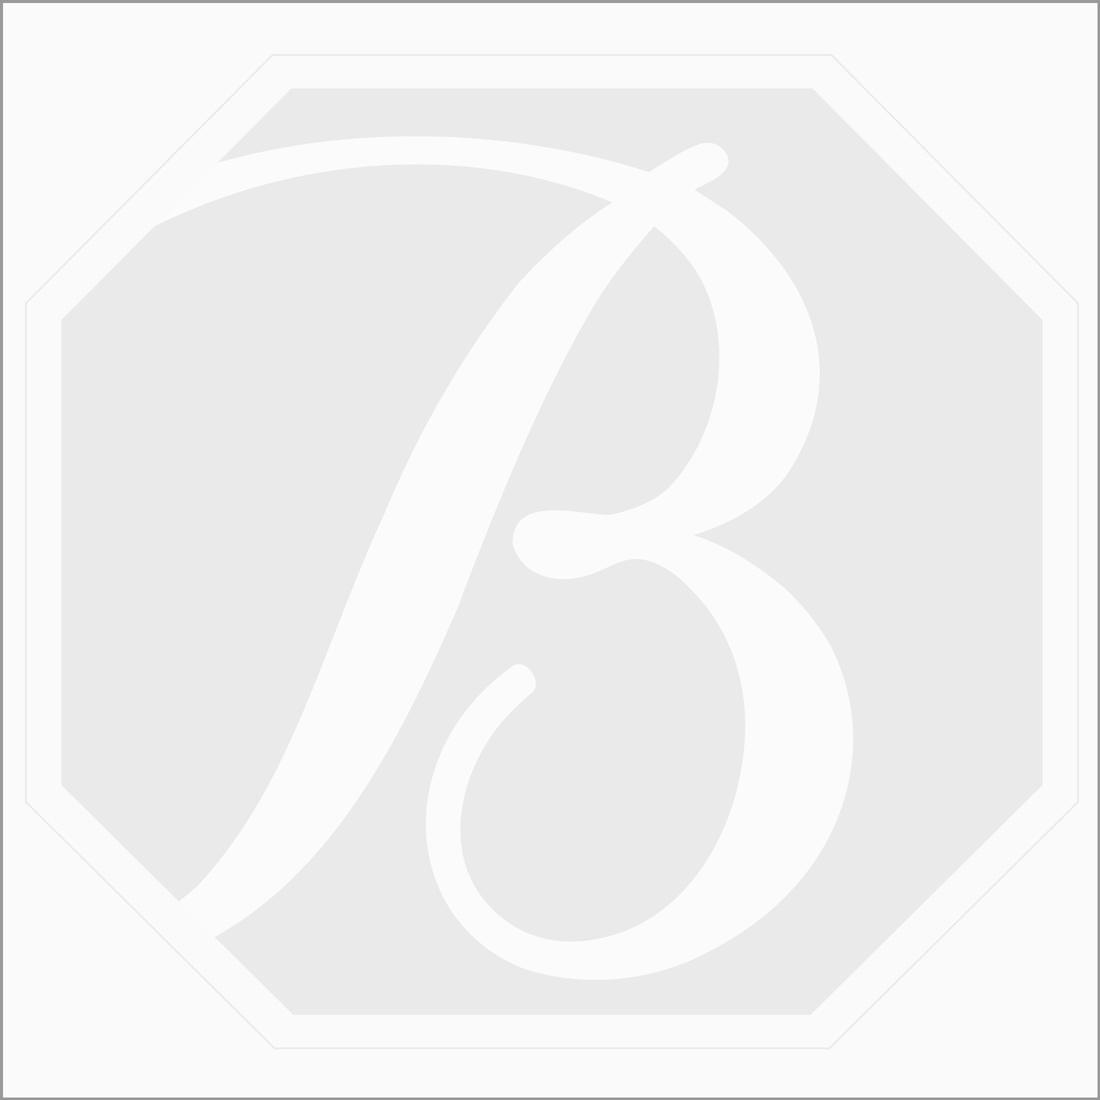 2 Pcs - 36.47 ct. - Grey Tourmaline Rose Cut -24.9 x 17.6 x 5.5 mm to 25.9 x 17.4 x 5.6 mm (TRC1118)